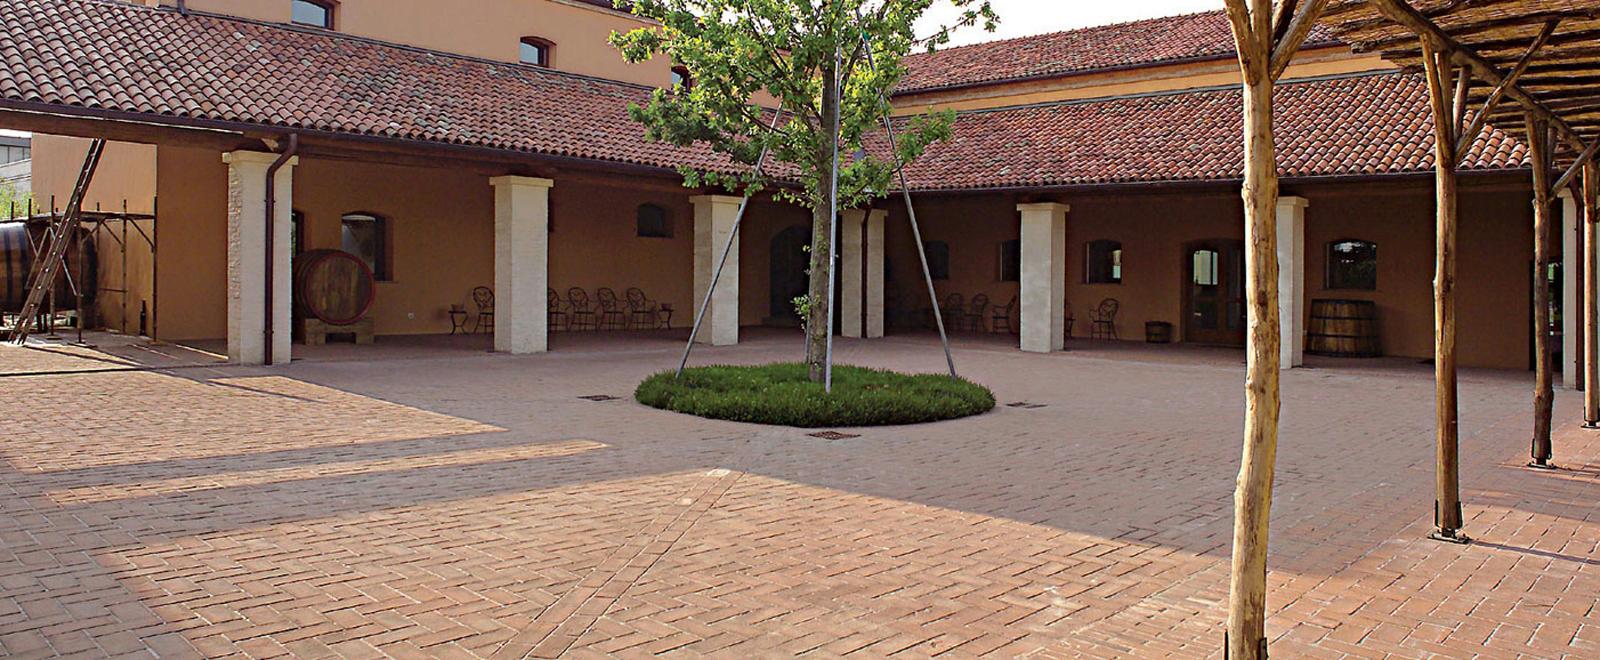 Pavimenti Per Esterni Con Texture Innovative Pictures to pin on ...